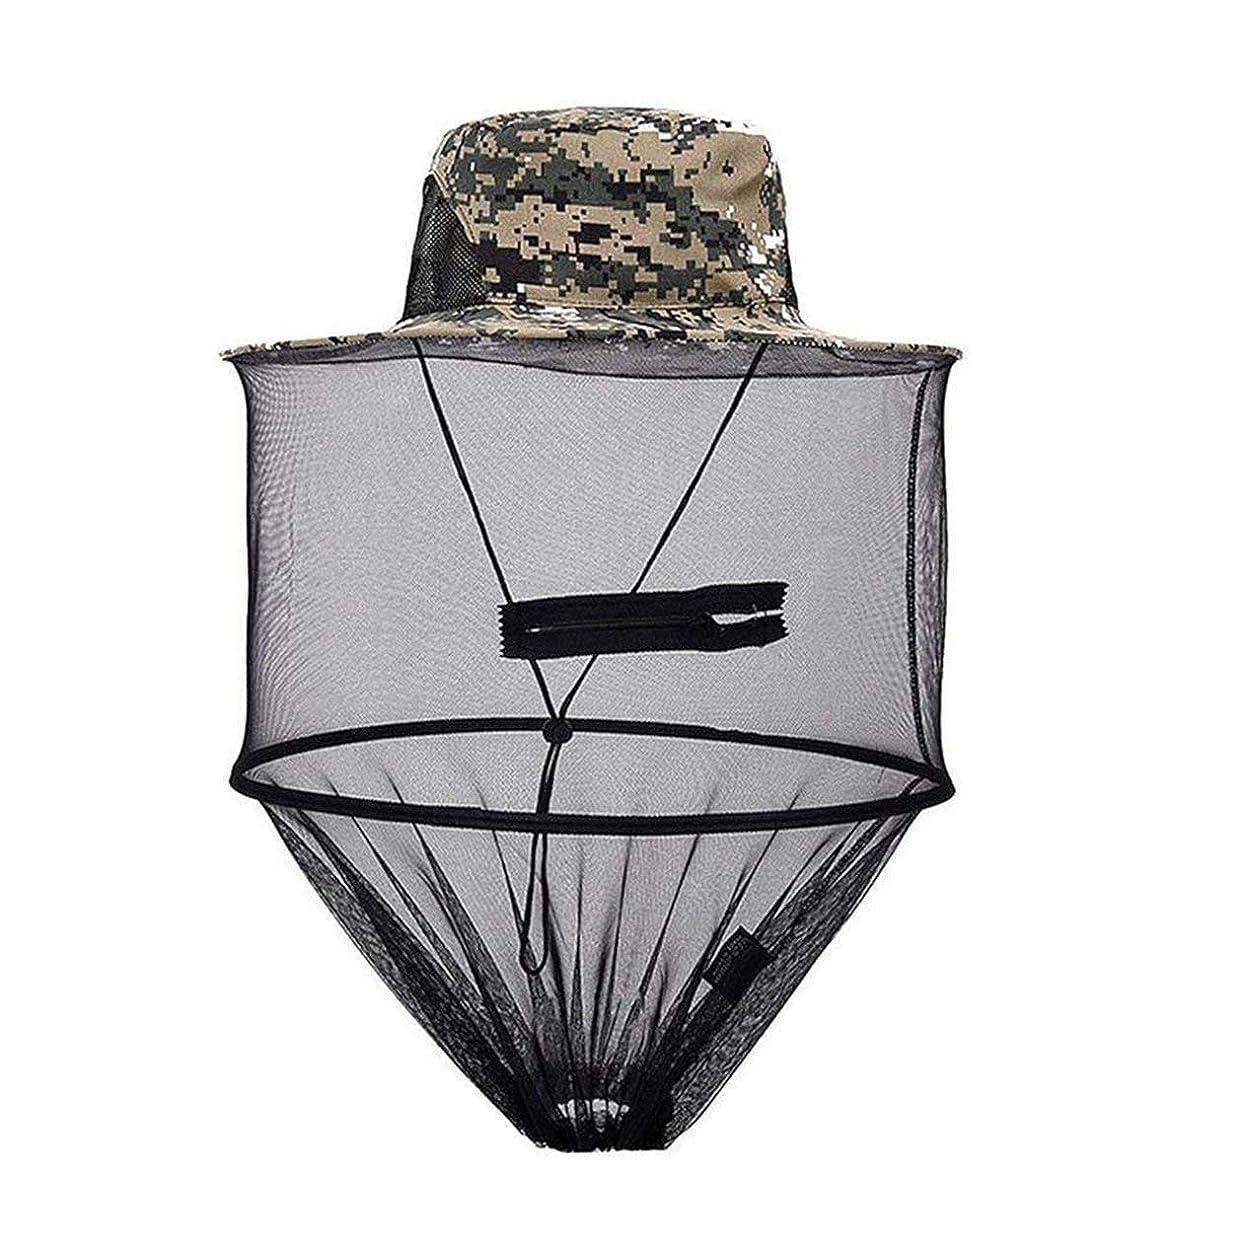 破壊犯人シガレットSaikogoods アウトドアキャンプハイキング狩猟のためにネットメッシュ?ヘッドフェイスプロテクター 釣りの帽子蚊キャップ ミッジフライバグ昆虫蜂ハット デジタル迷彩